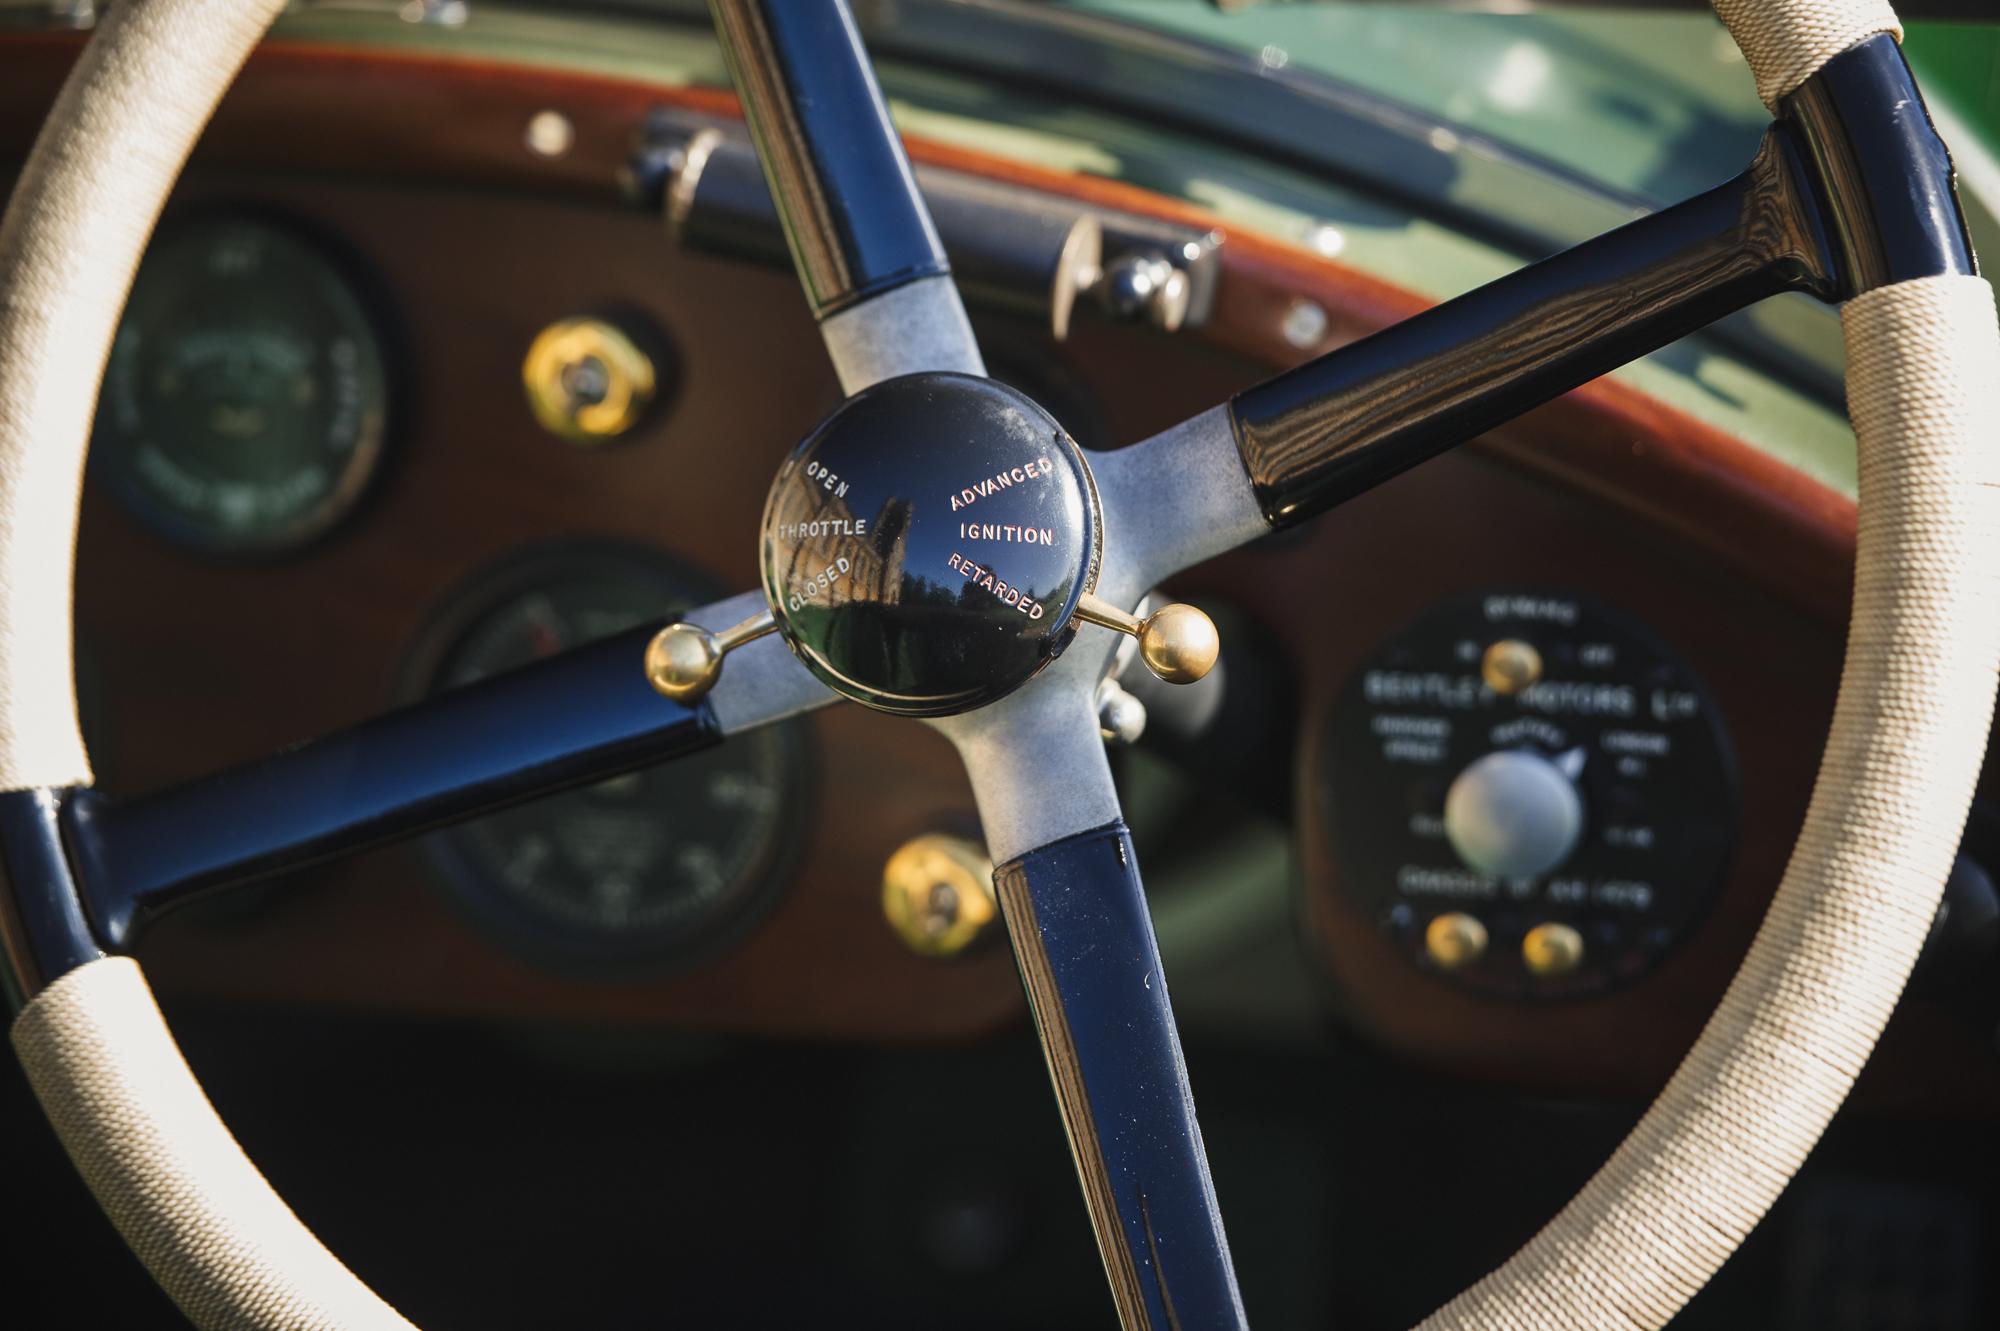 Bentley_3-4.5_LeMans_018.jpg